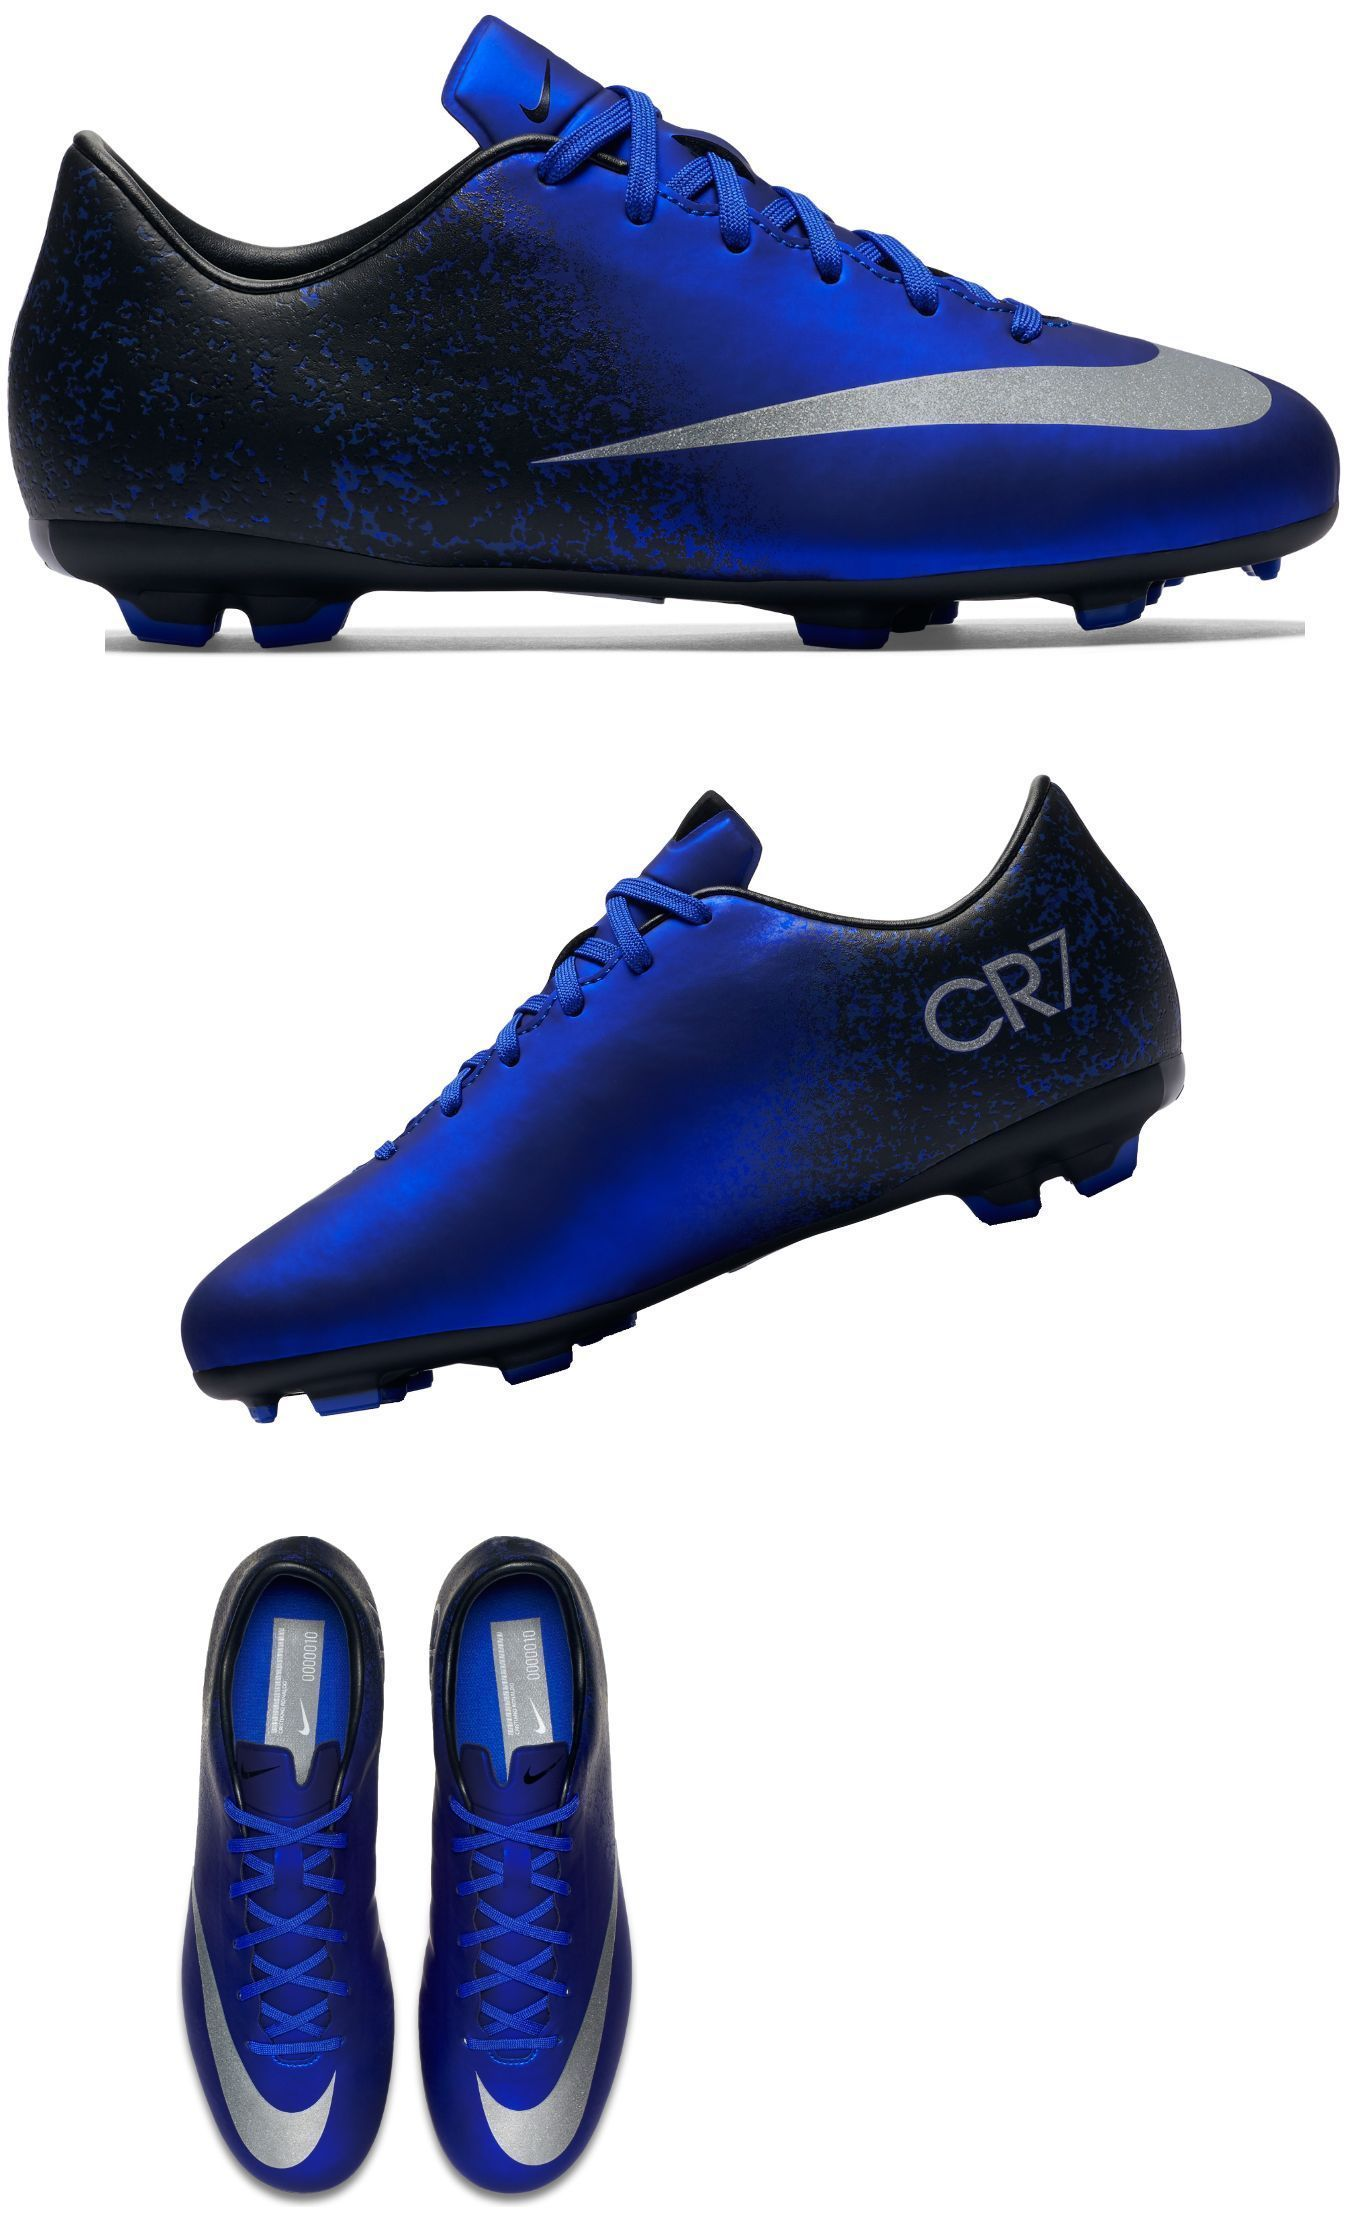 Youth Adidas Messi Nemeziz 17 3 Grey And Blue Soccerpro Soccer Shoes Adidas Soccer Cleats Adidas